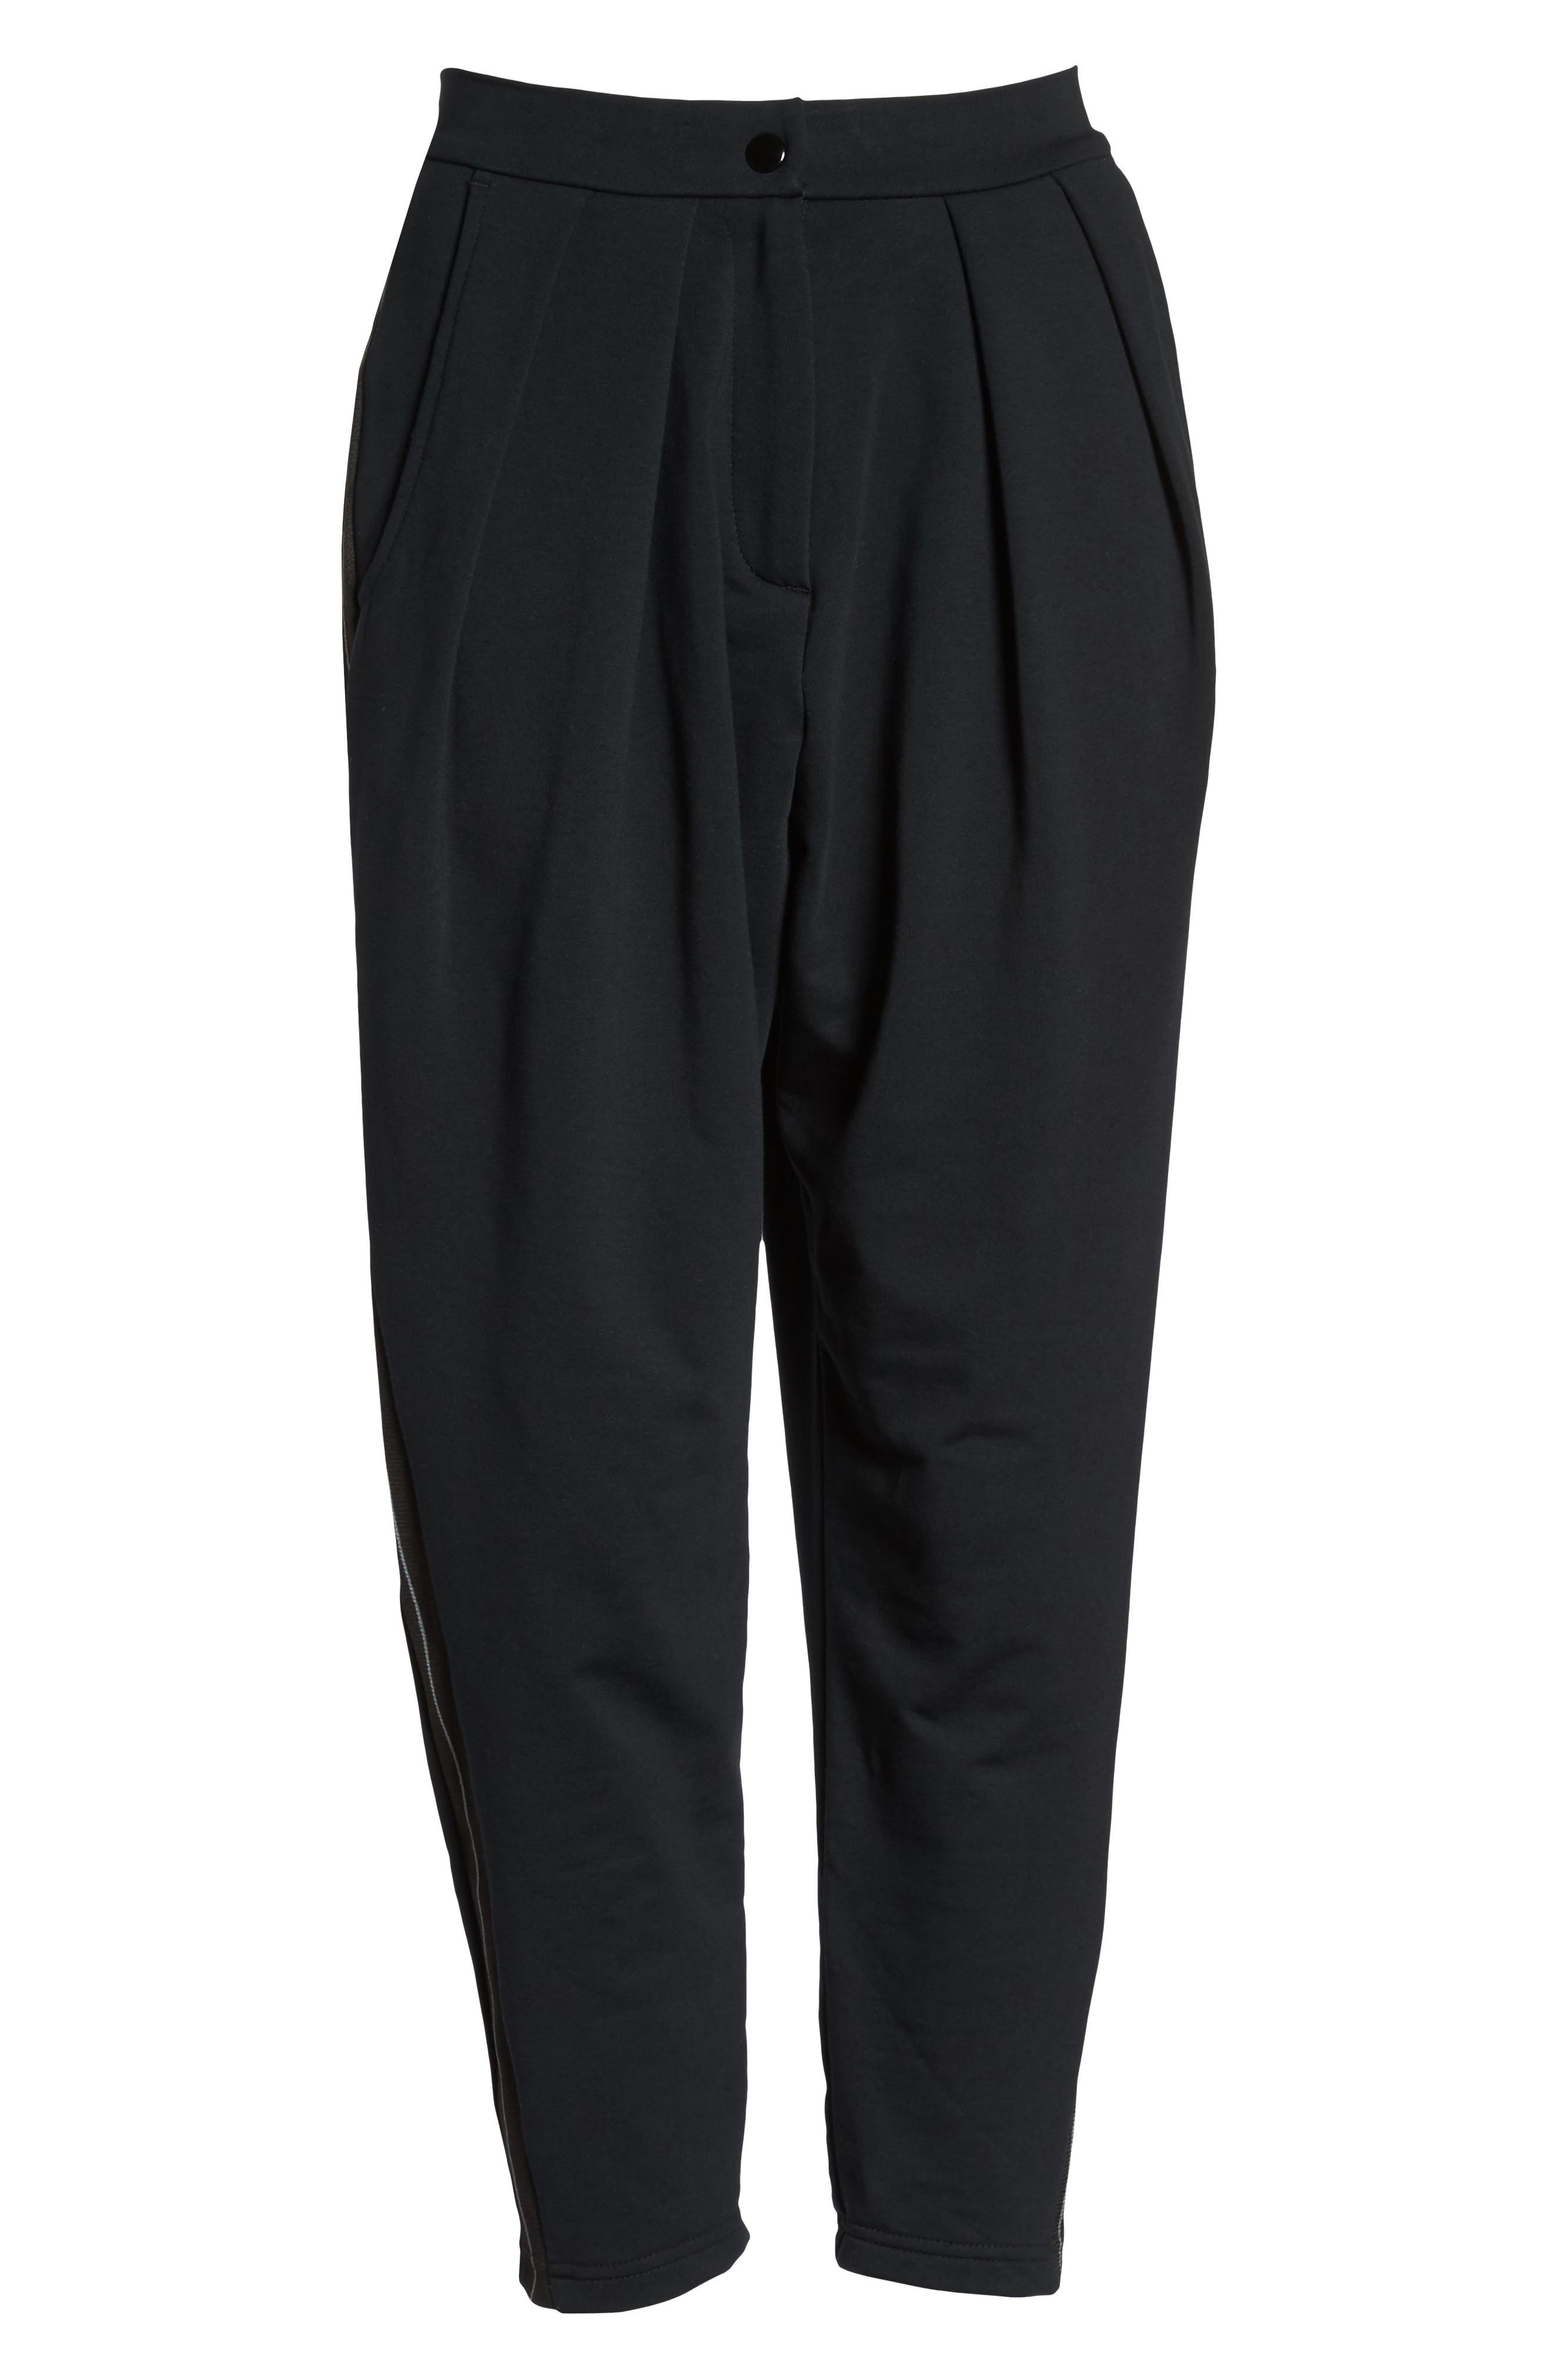 Trouser Sweatpants,                             Alternate thumbnail 7, color,                             001